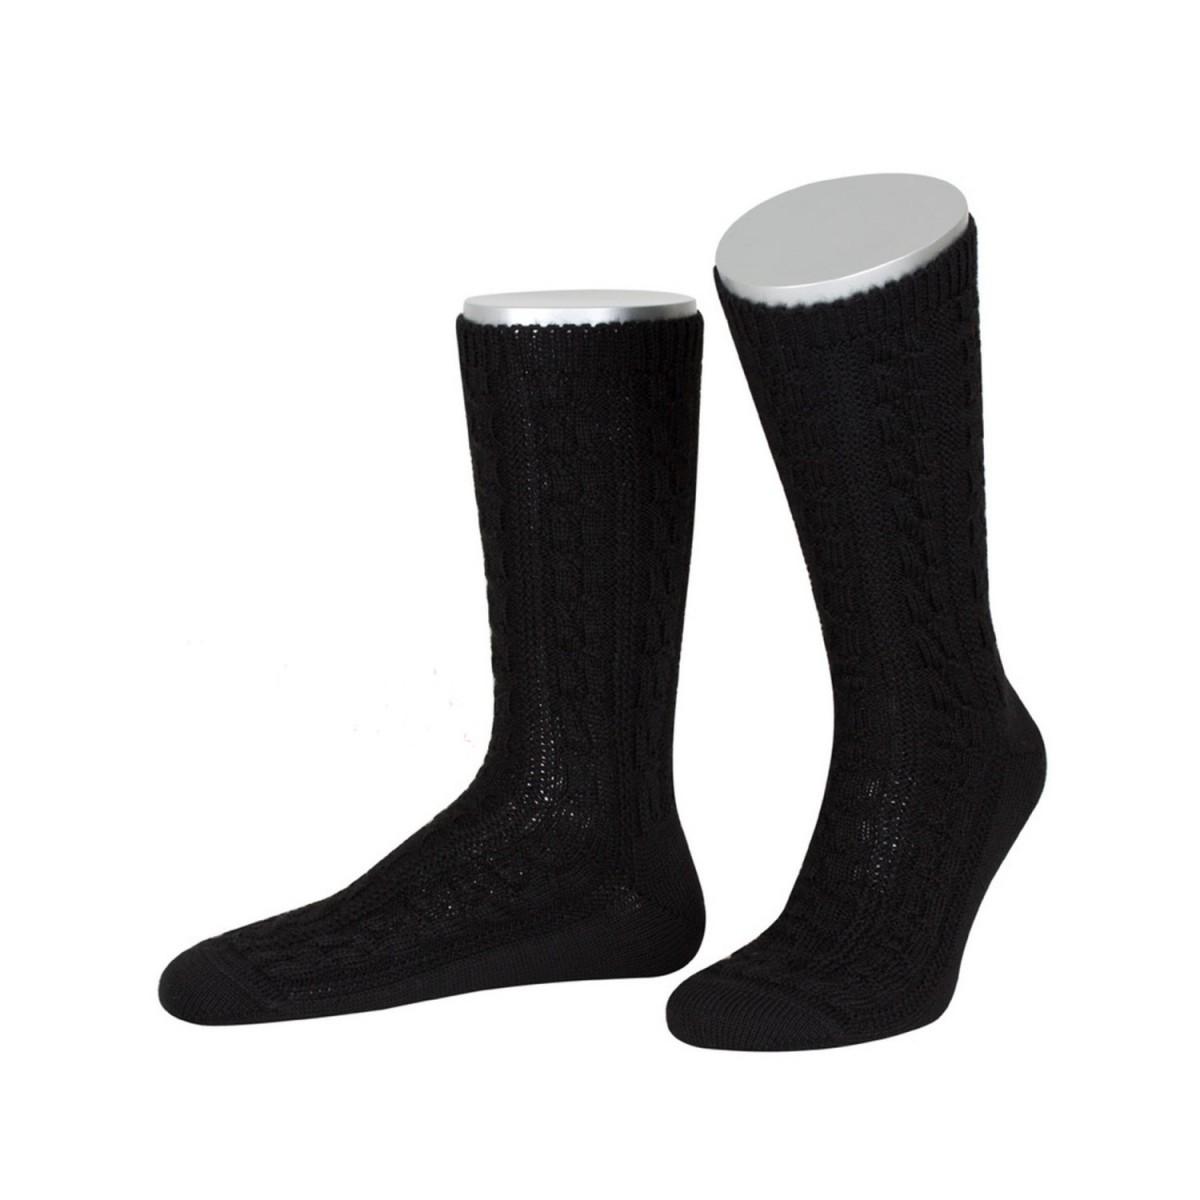 Trachtensocken zur Lederhose in Schwarz von Lusana günstig online kaufen